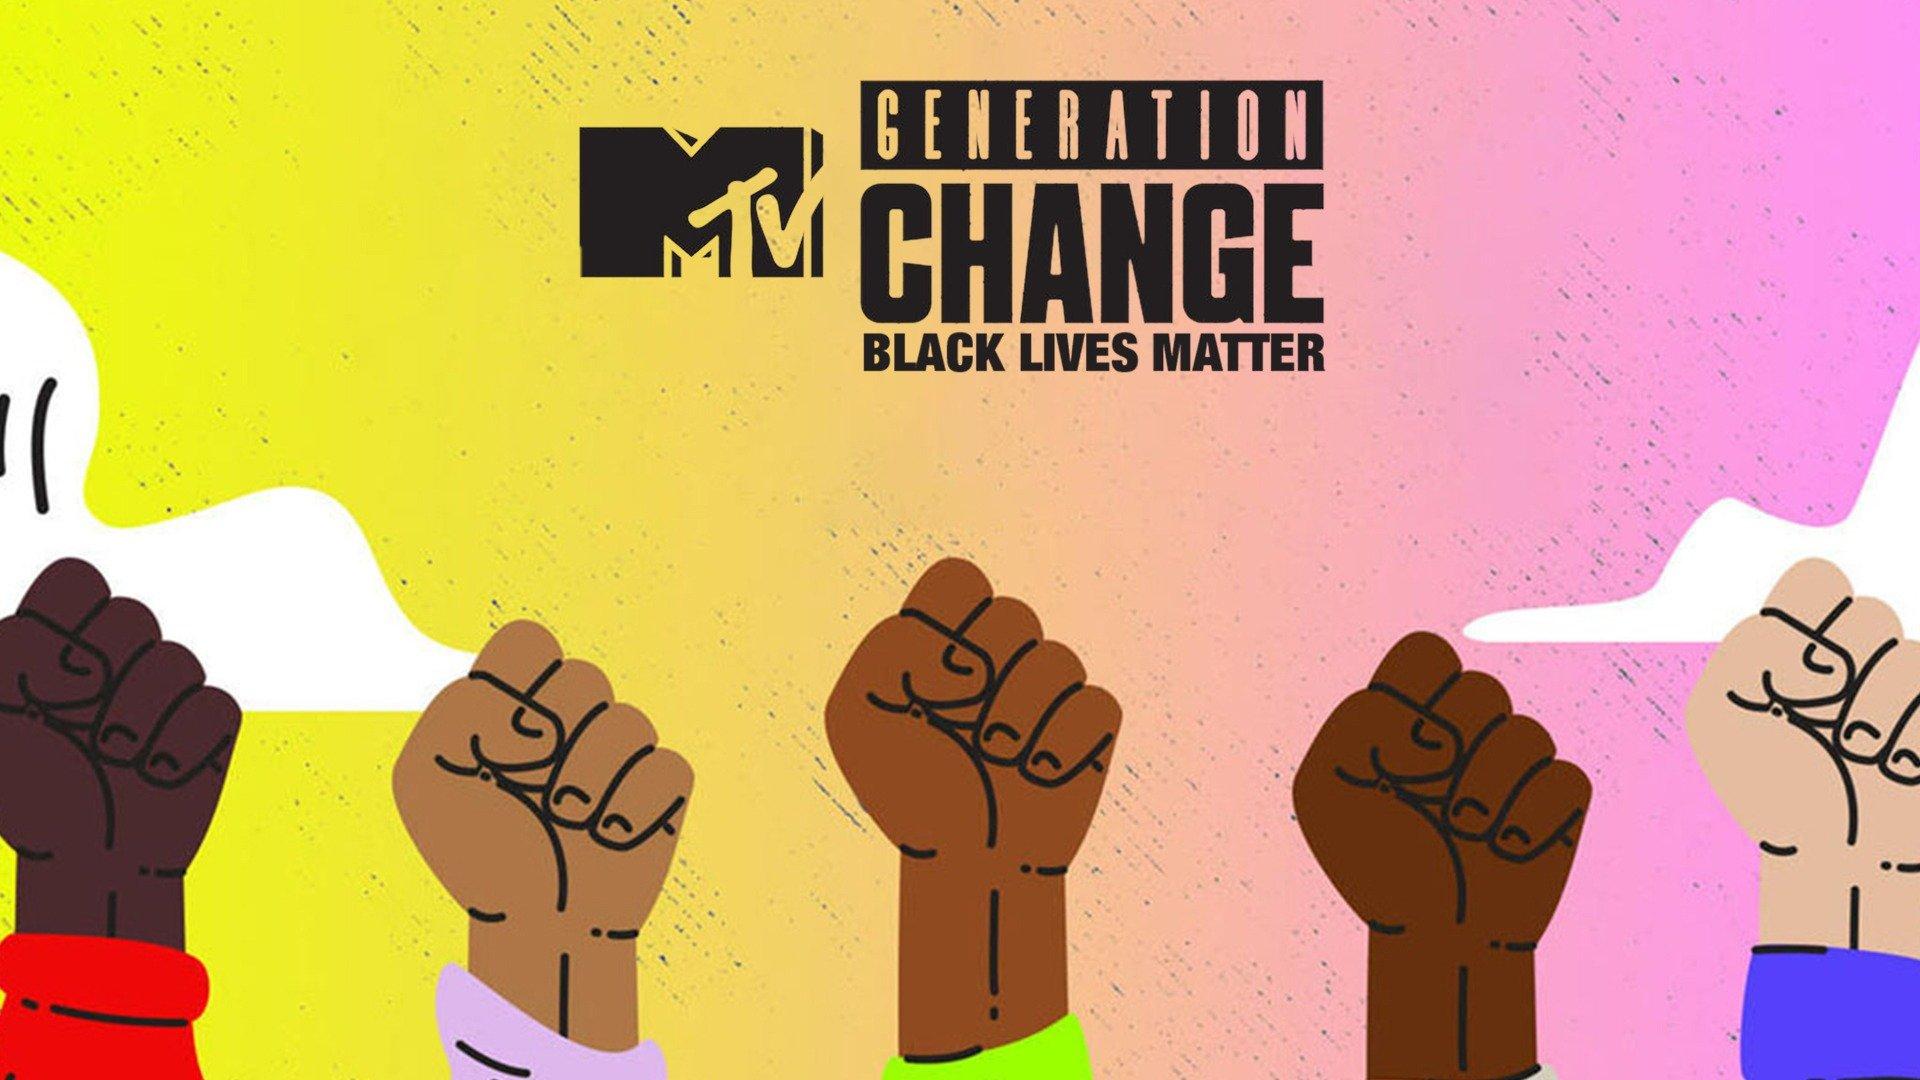 Generation Change: Black Lives Matter